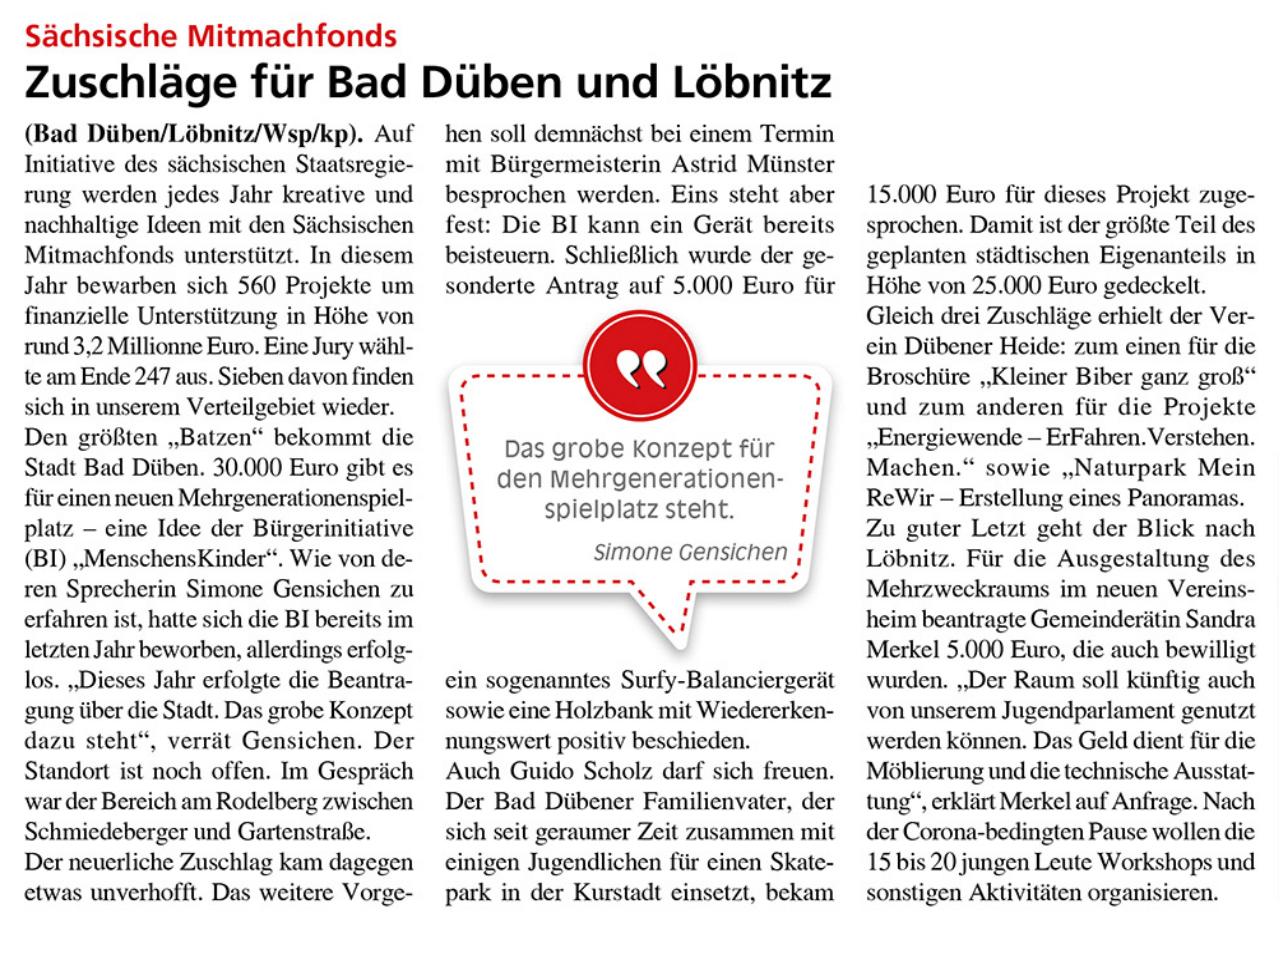 Dübener Wochenspiegel vom 17.06.2020